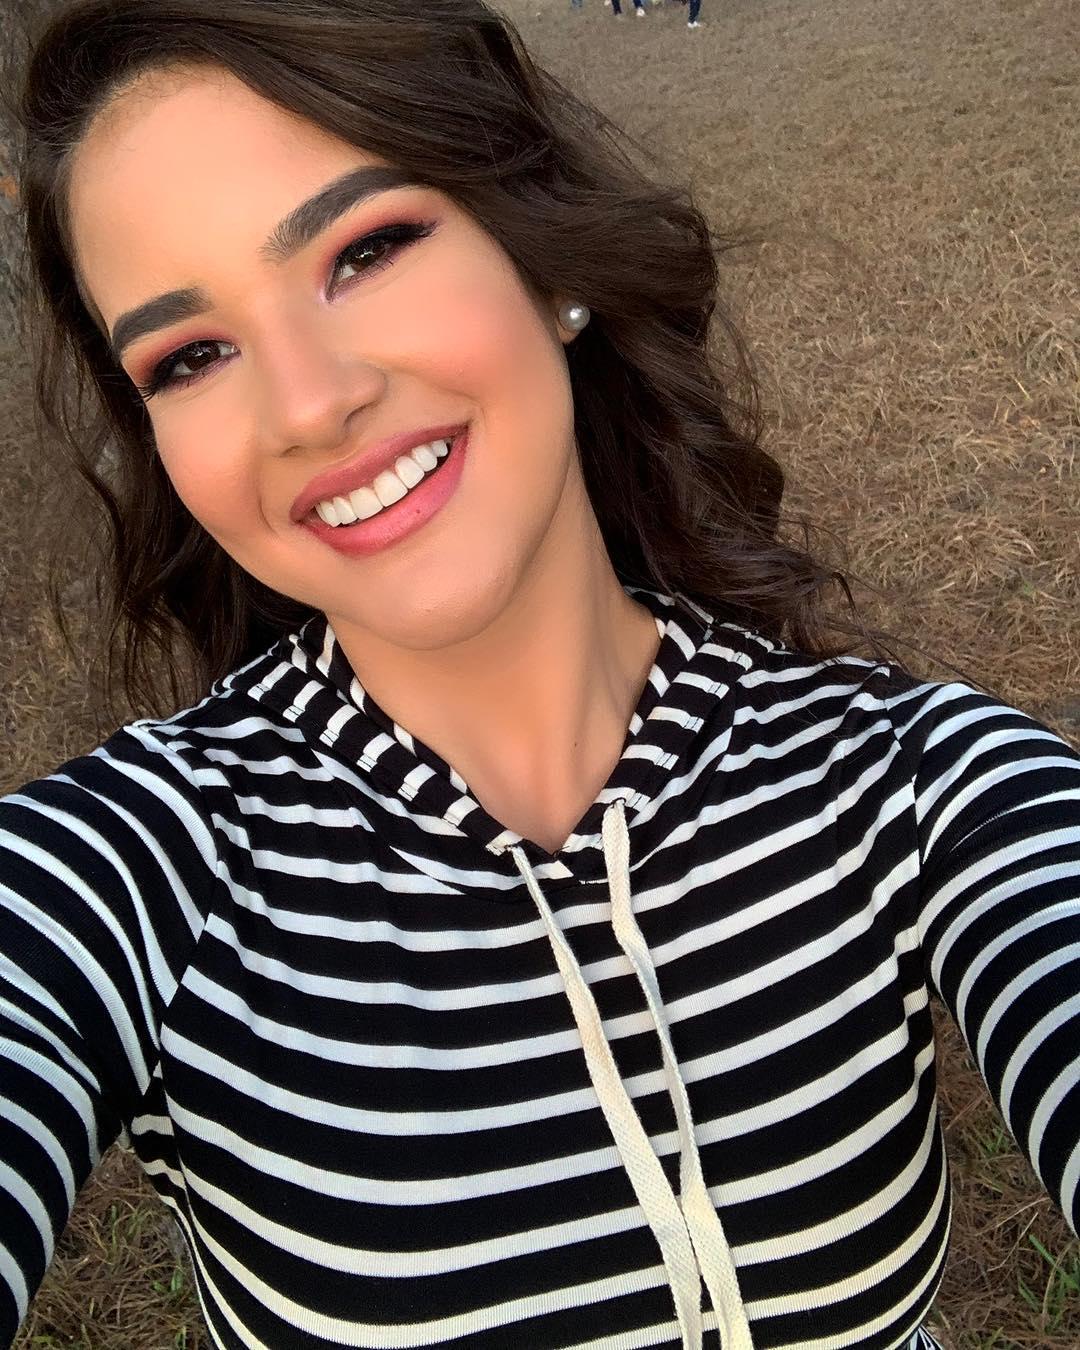 daniela di venere, top 12 de miss teen mundial 2019. 54771010